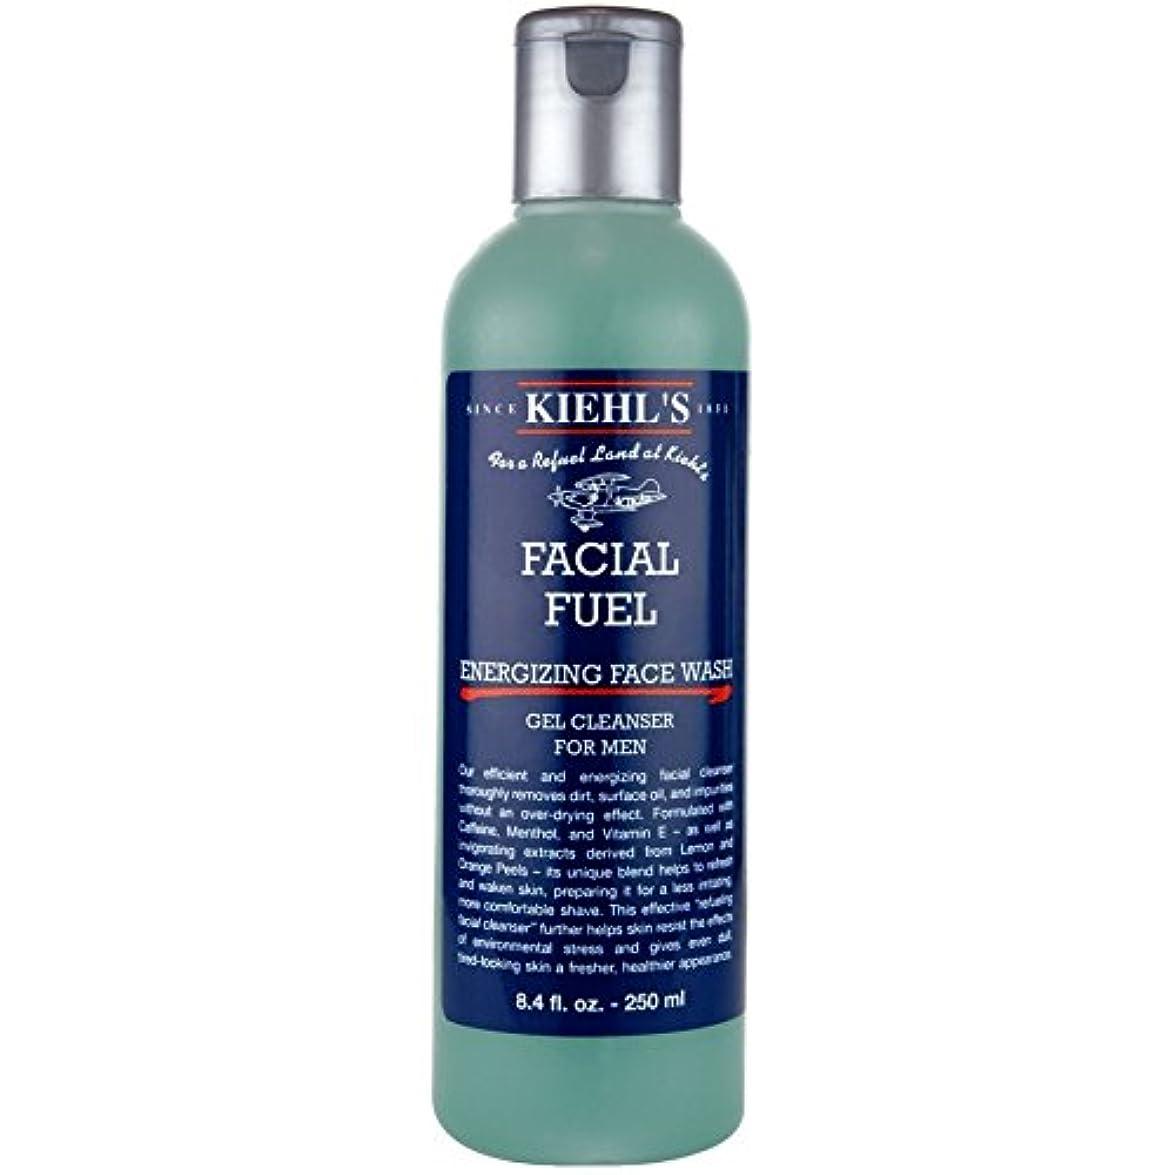 肥料誰でも負[Kiehl's] 男性のためのキールズフェイシャル燃料通電洗顔250ミリリットル - Kiehl's Facial Fuel Energizing Face Wash For Men 250ml [並行輸入品]